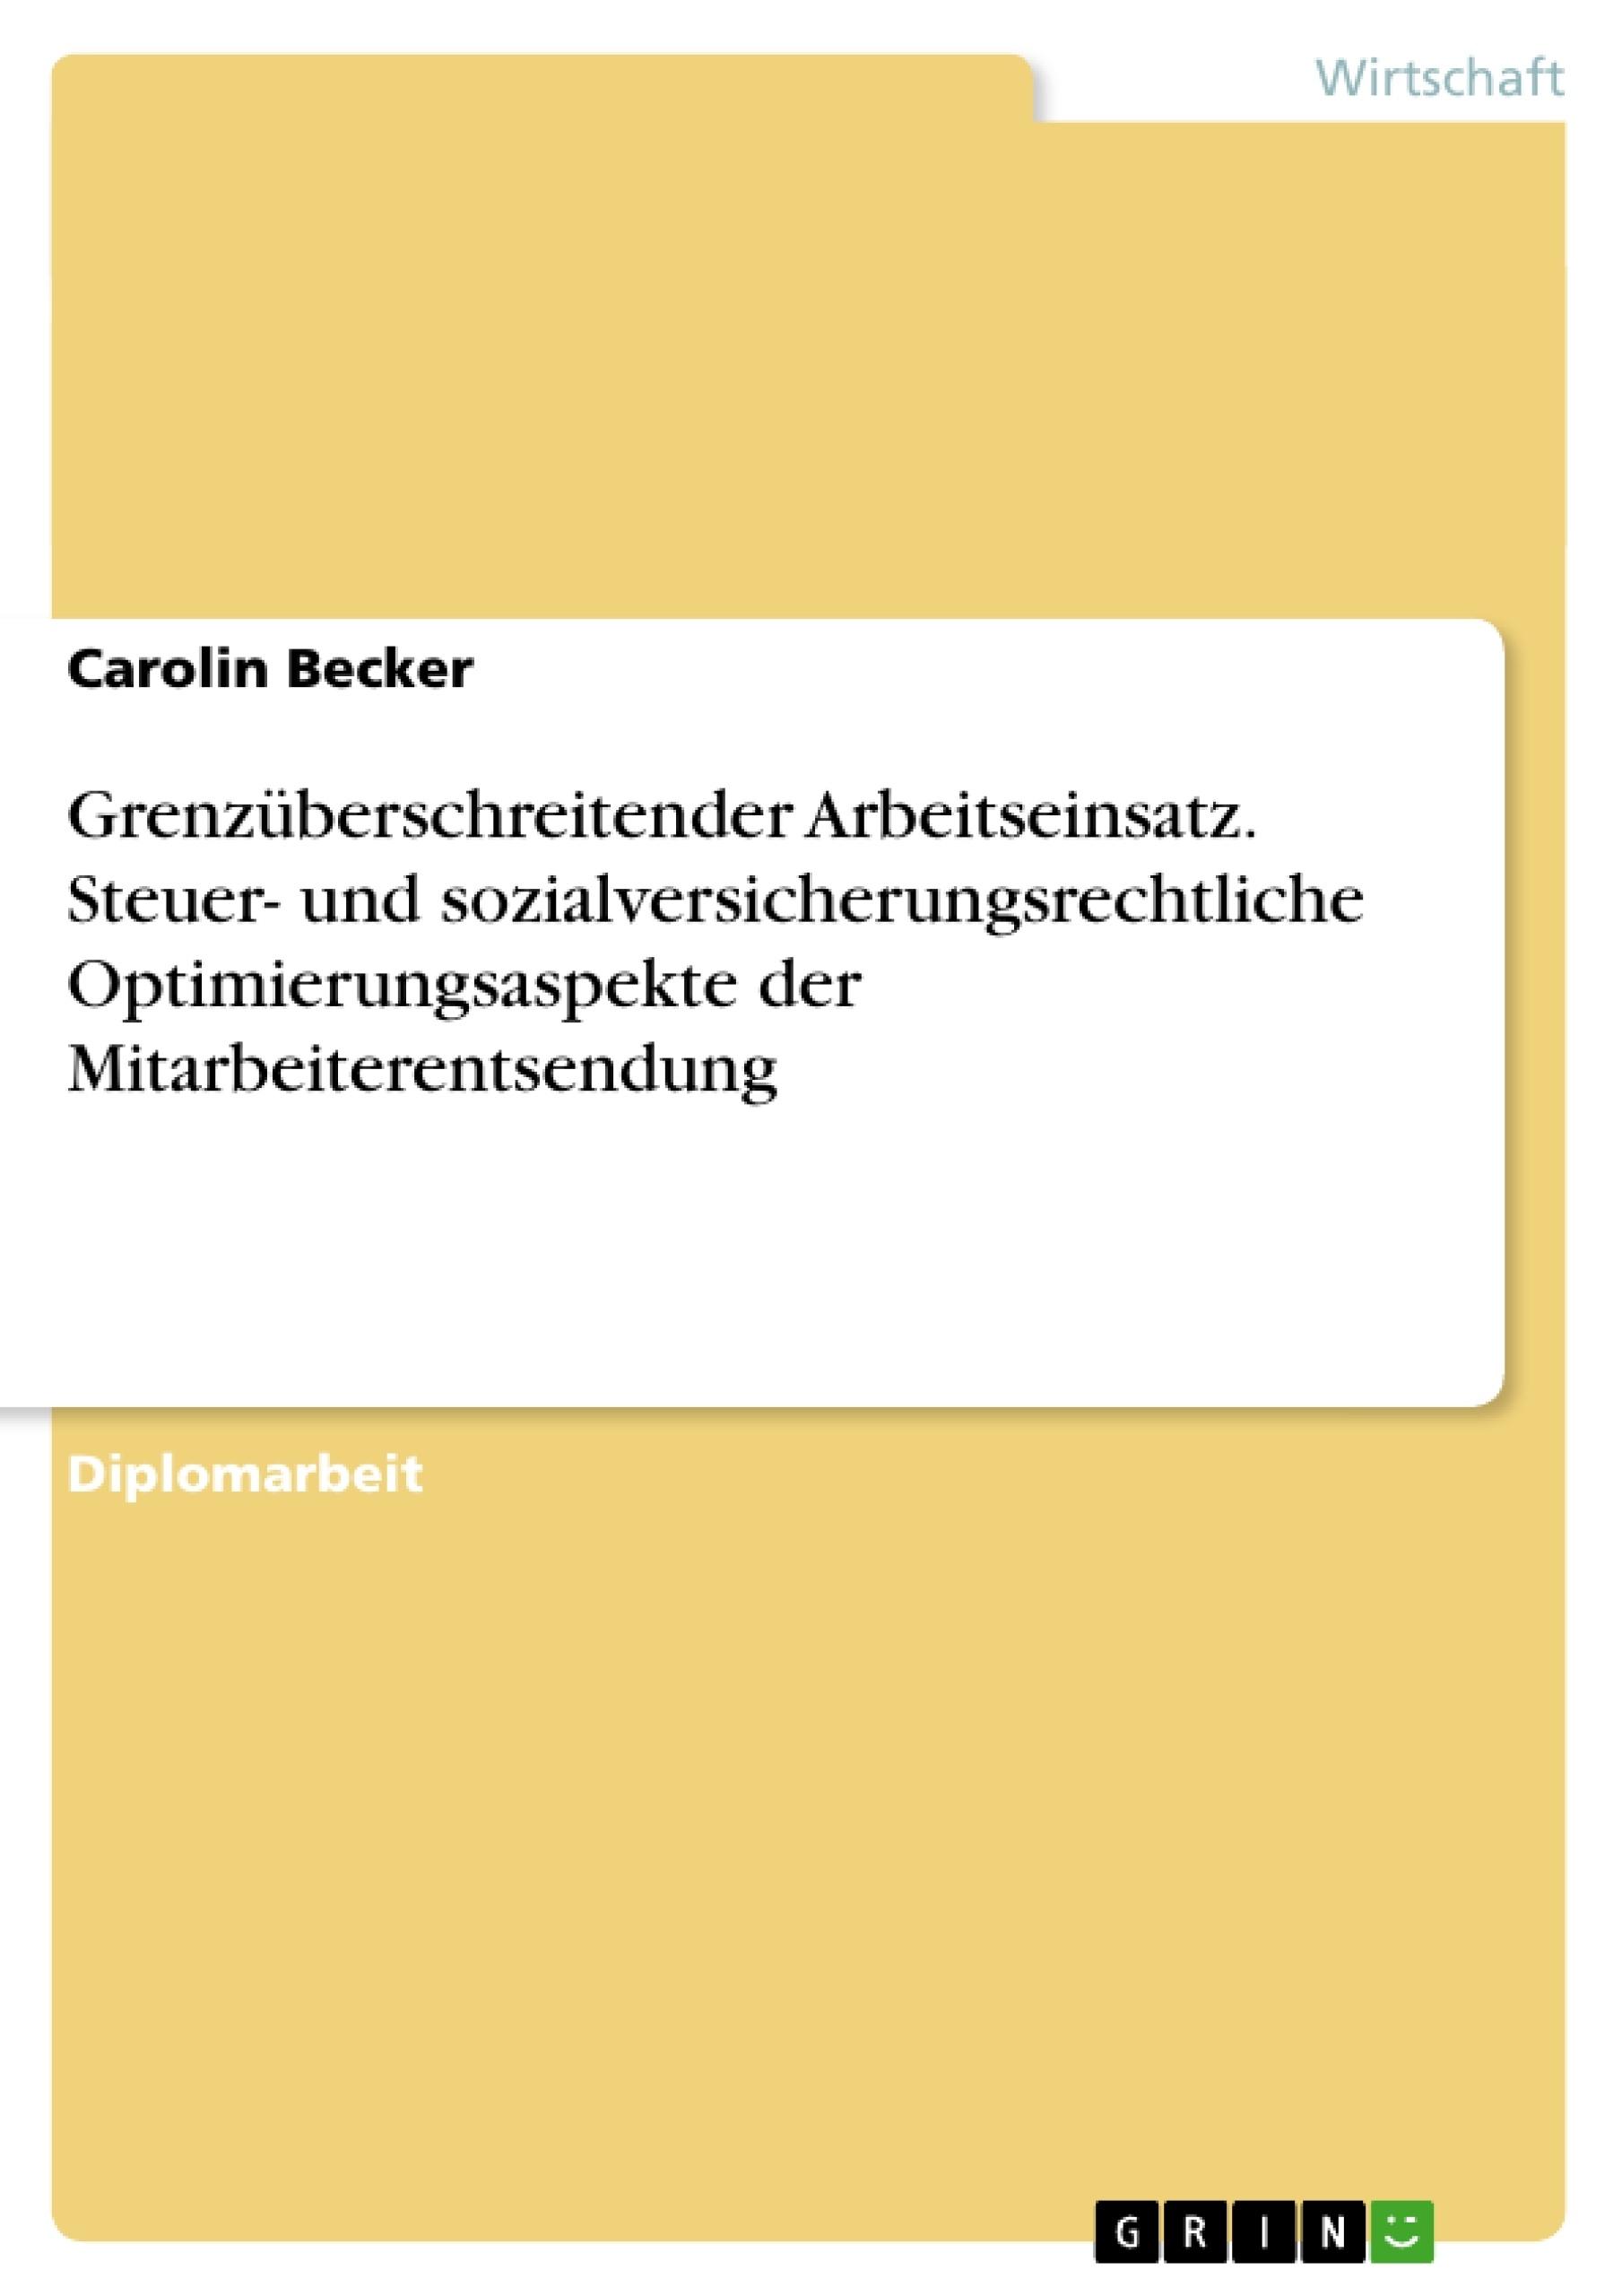 Titel: Grenzüberschreitender Arbeitseinsatz. Steuer- und sozialversicherungsrechtliche Optimierungsaspekte der Mitarbeiterentsendung